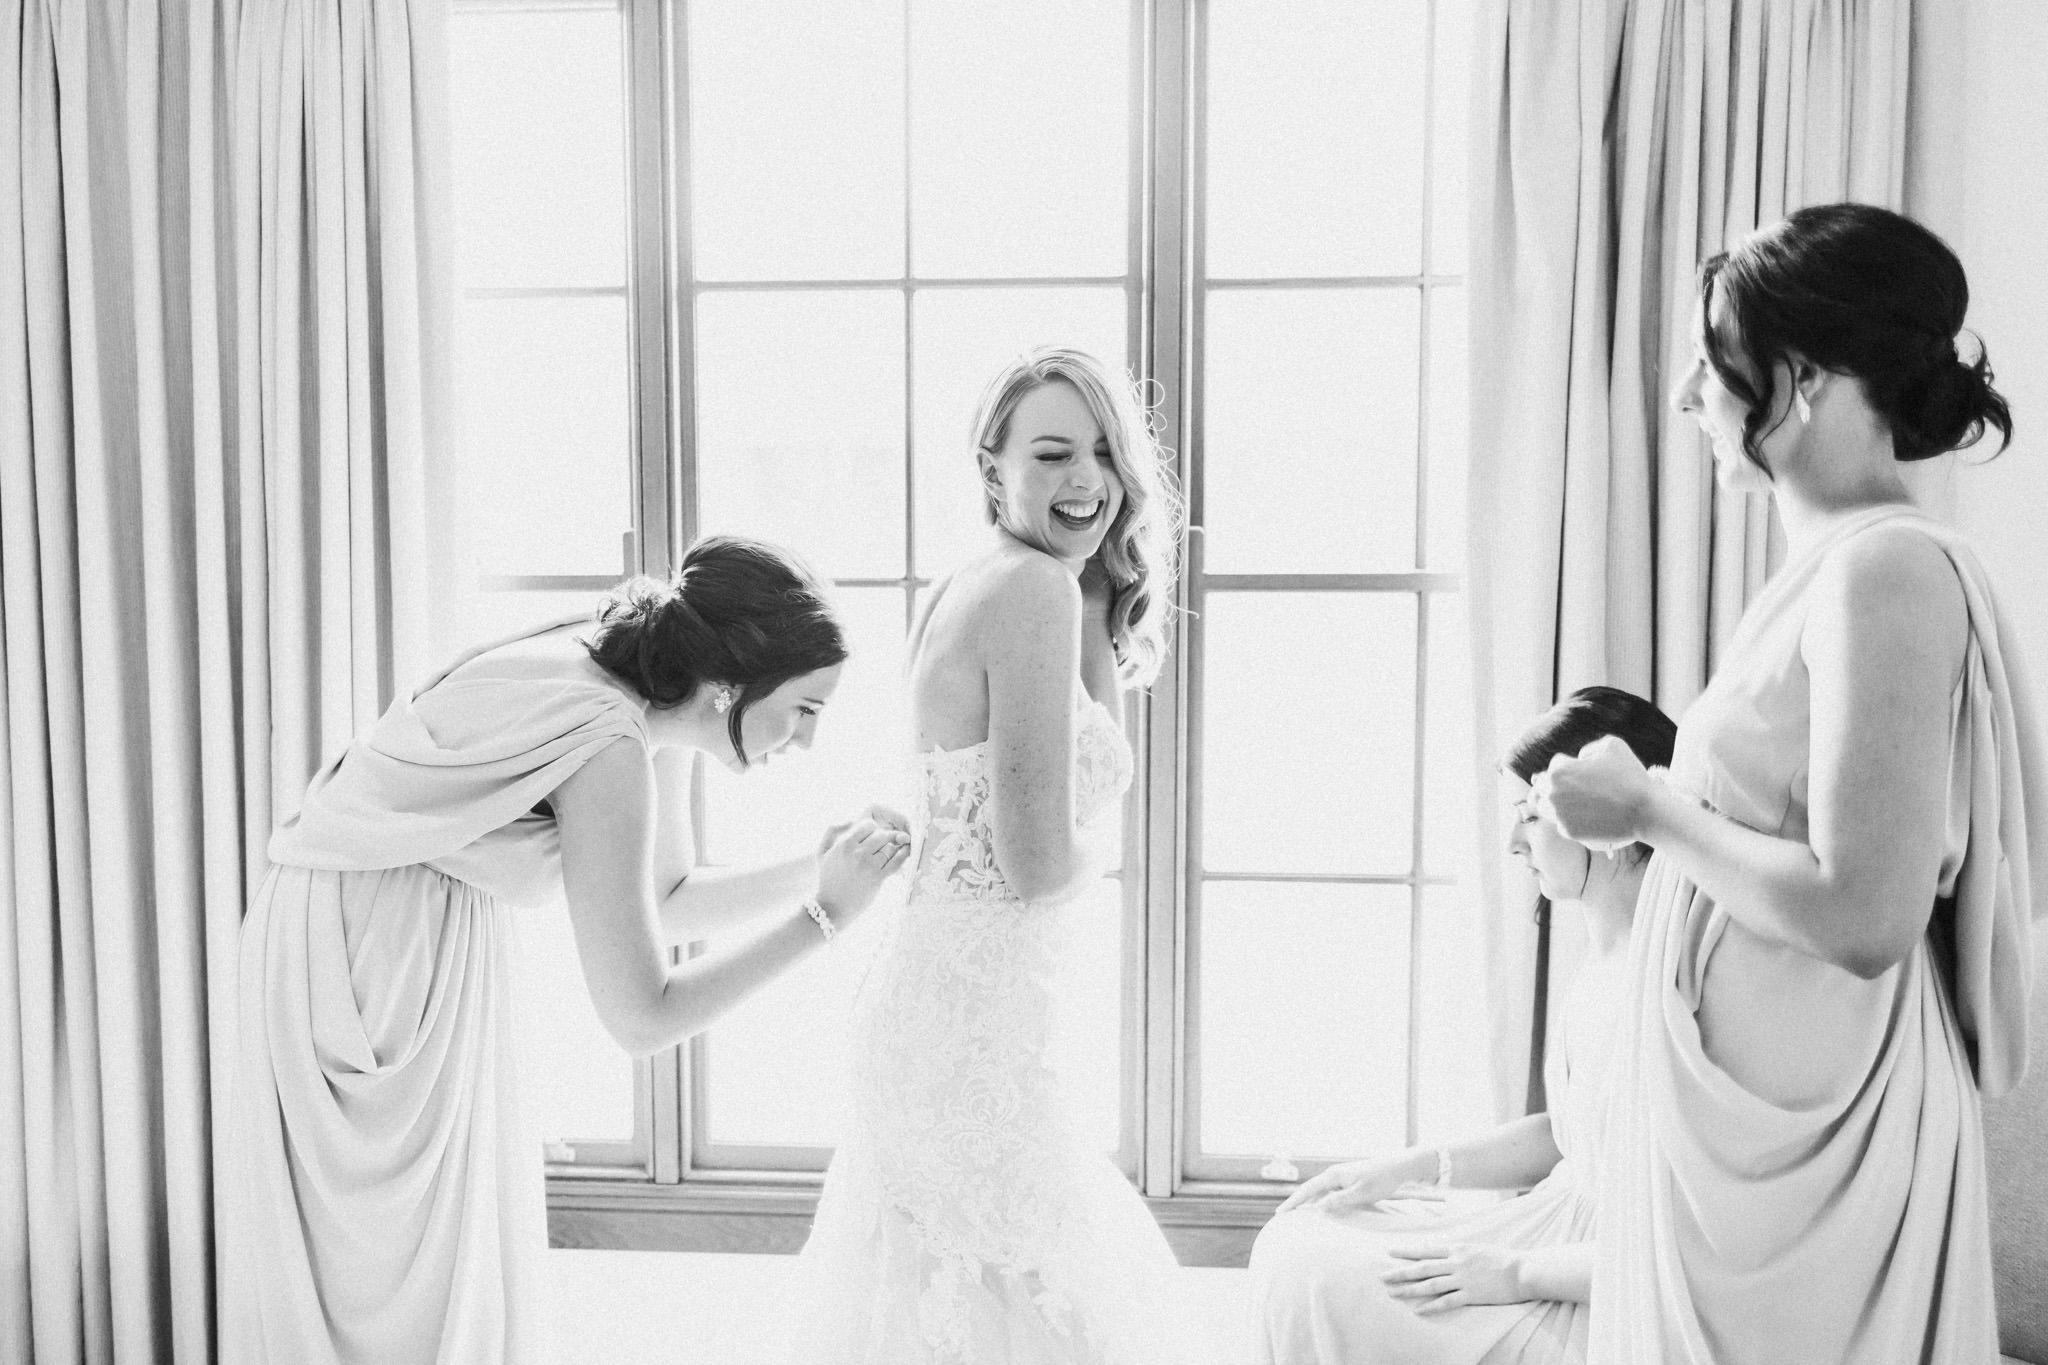 WeddingPhotos_Facebook_2048pixels-1019.jpg